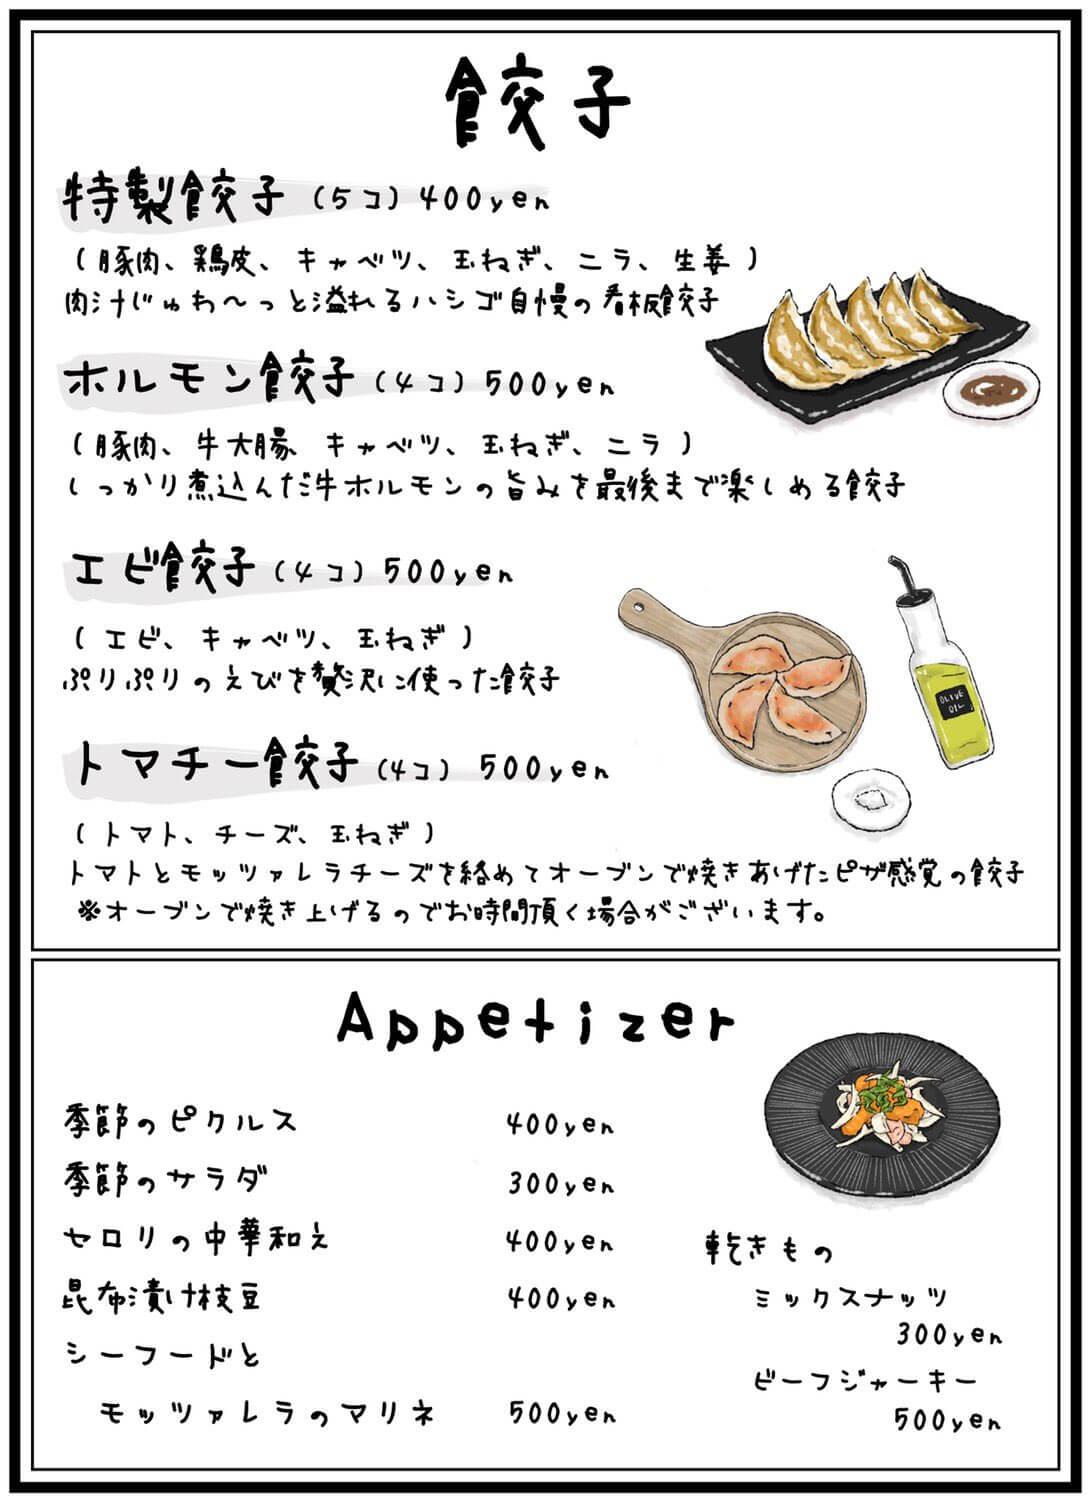 餃子バル ハシゴのメニュー